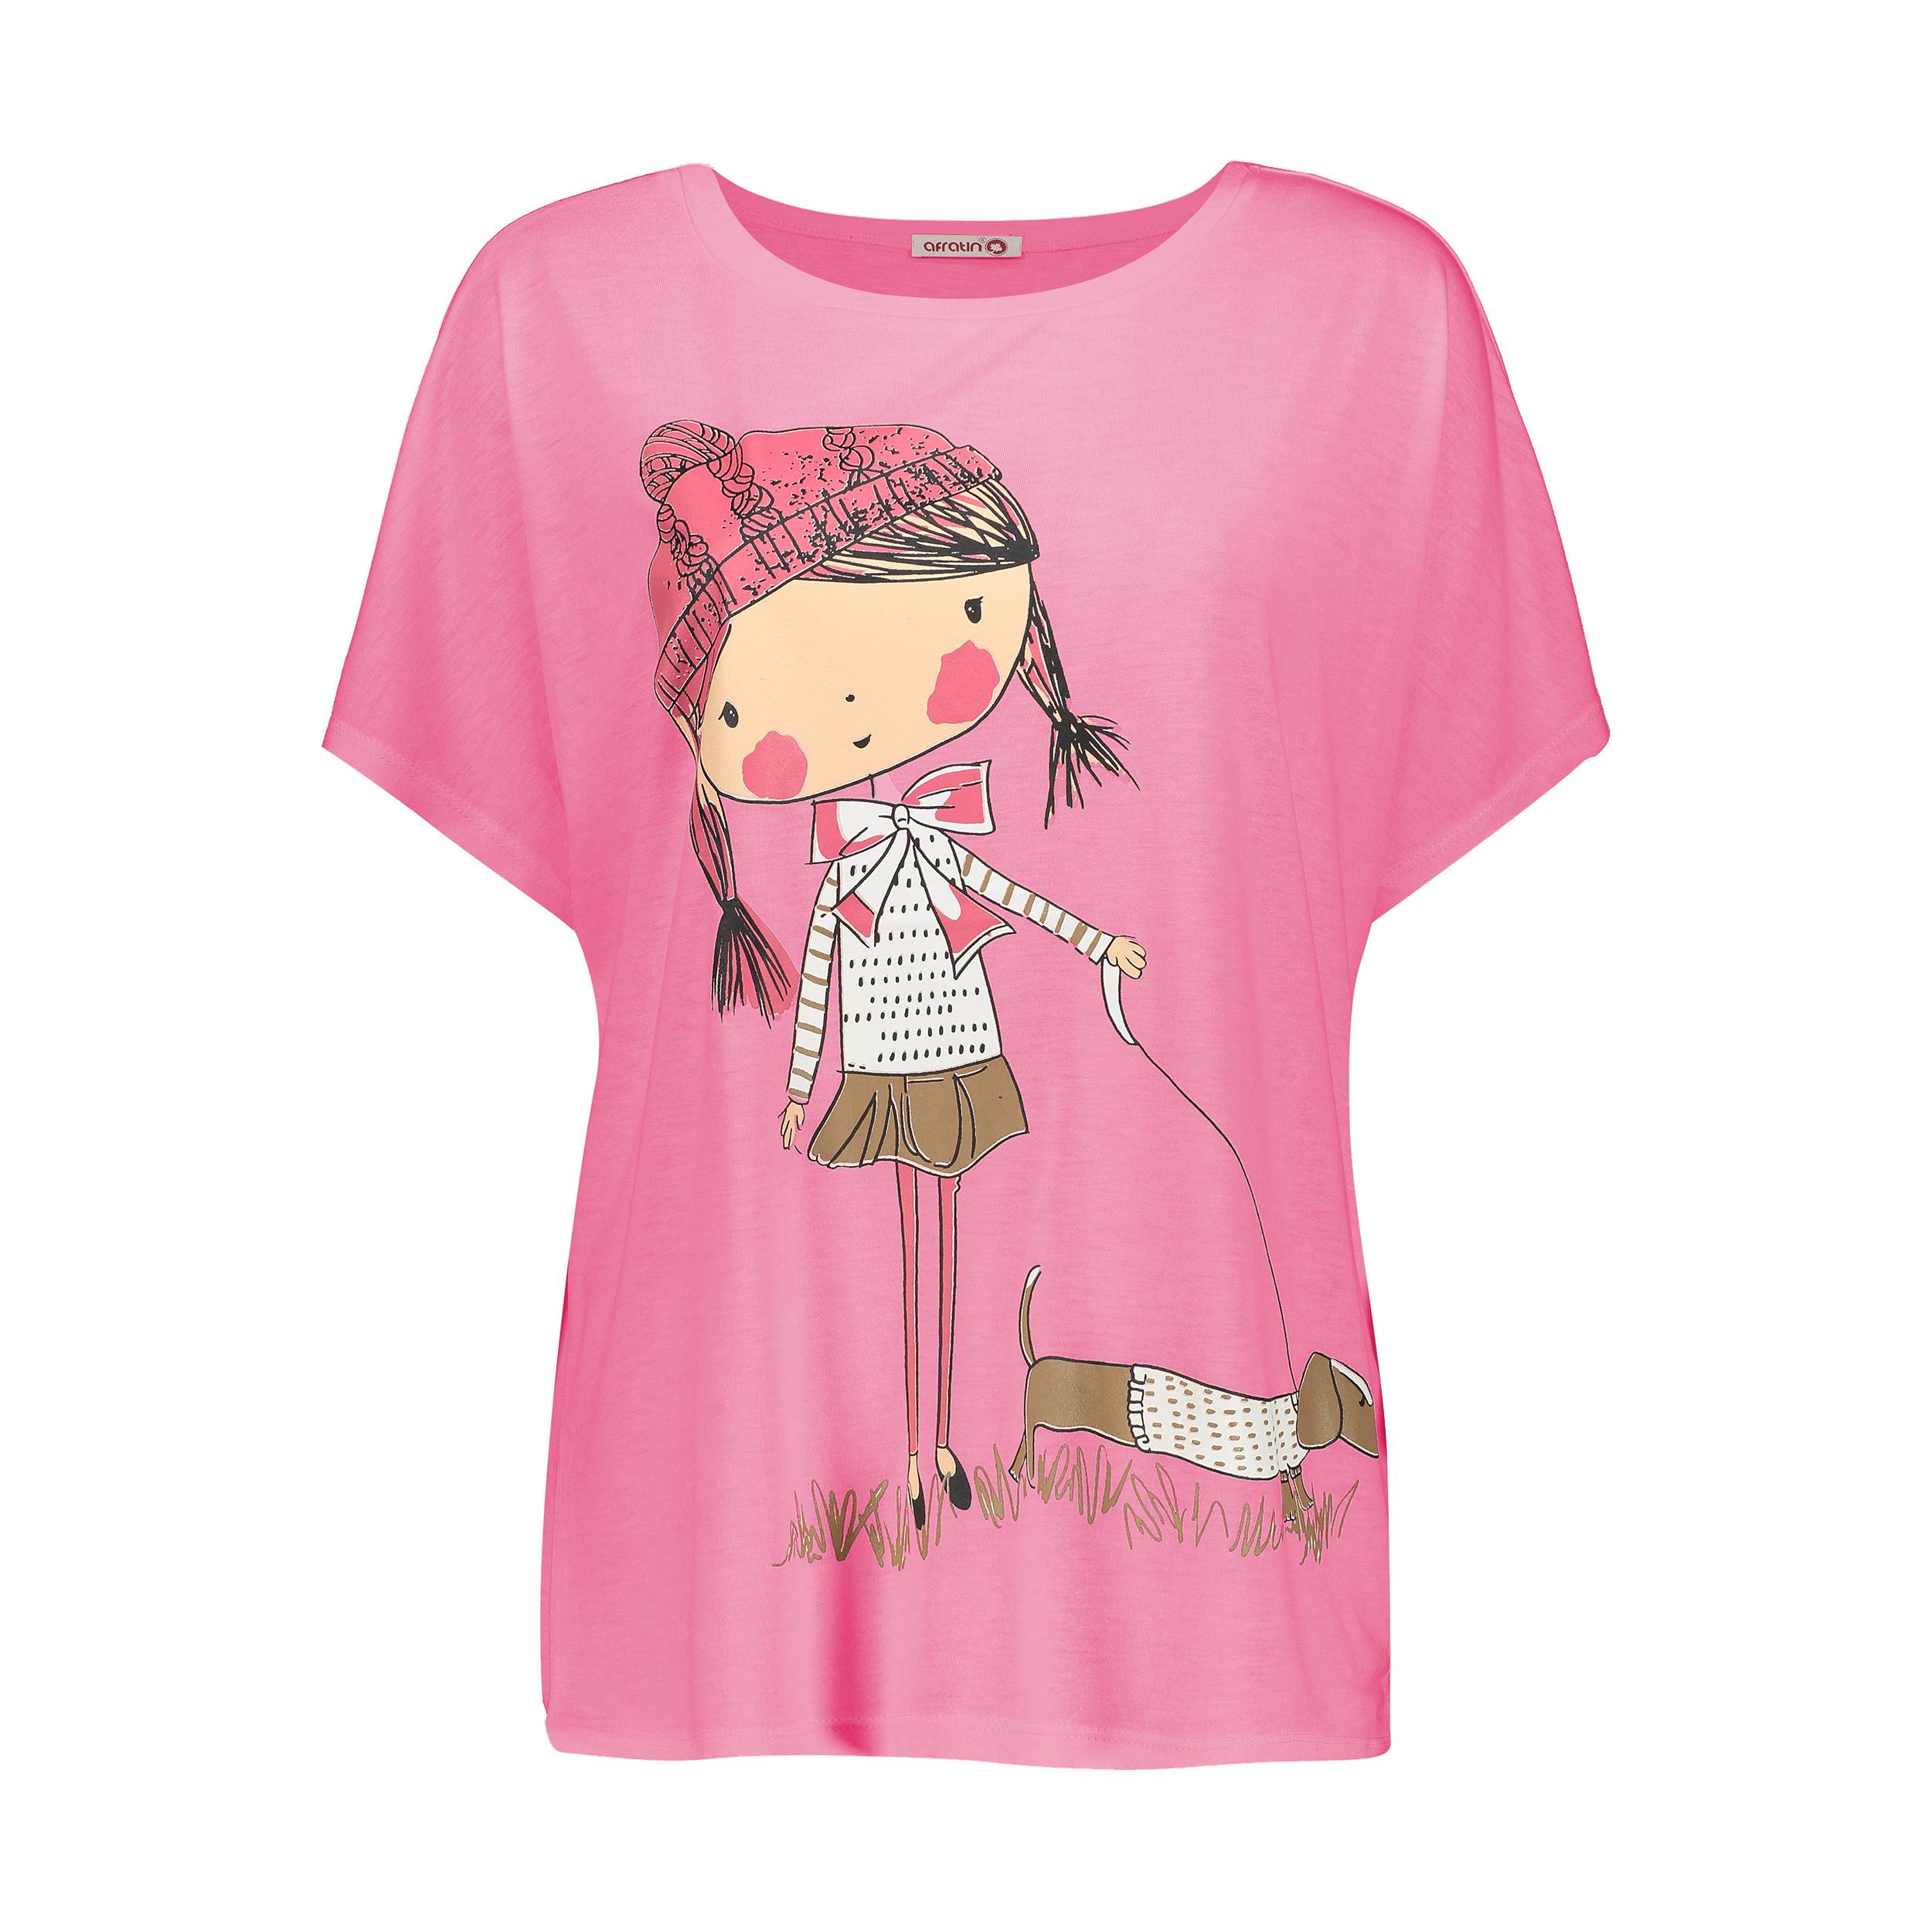 تی شرت زنانه افراتین طرح دختر و سگ کد 3526 رنگ صورتی